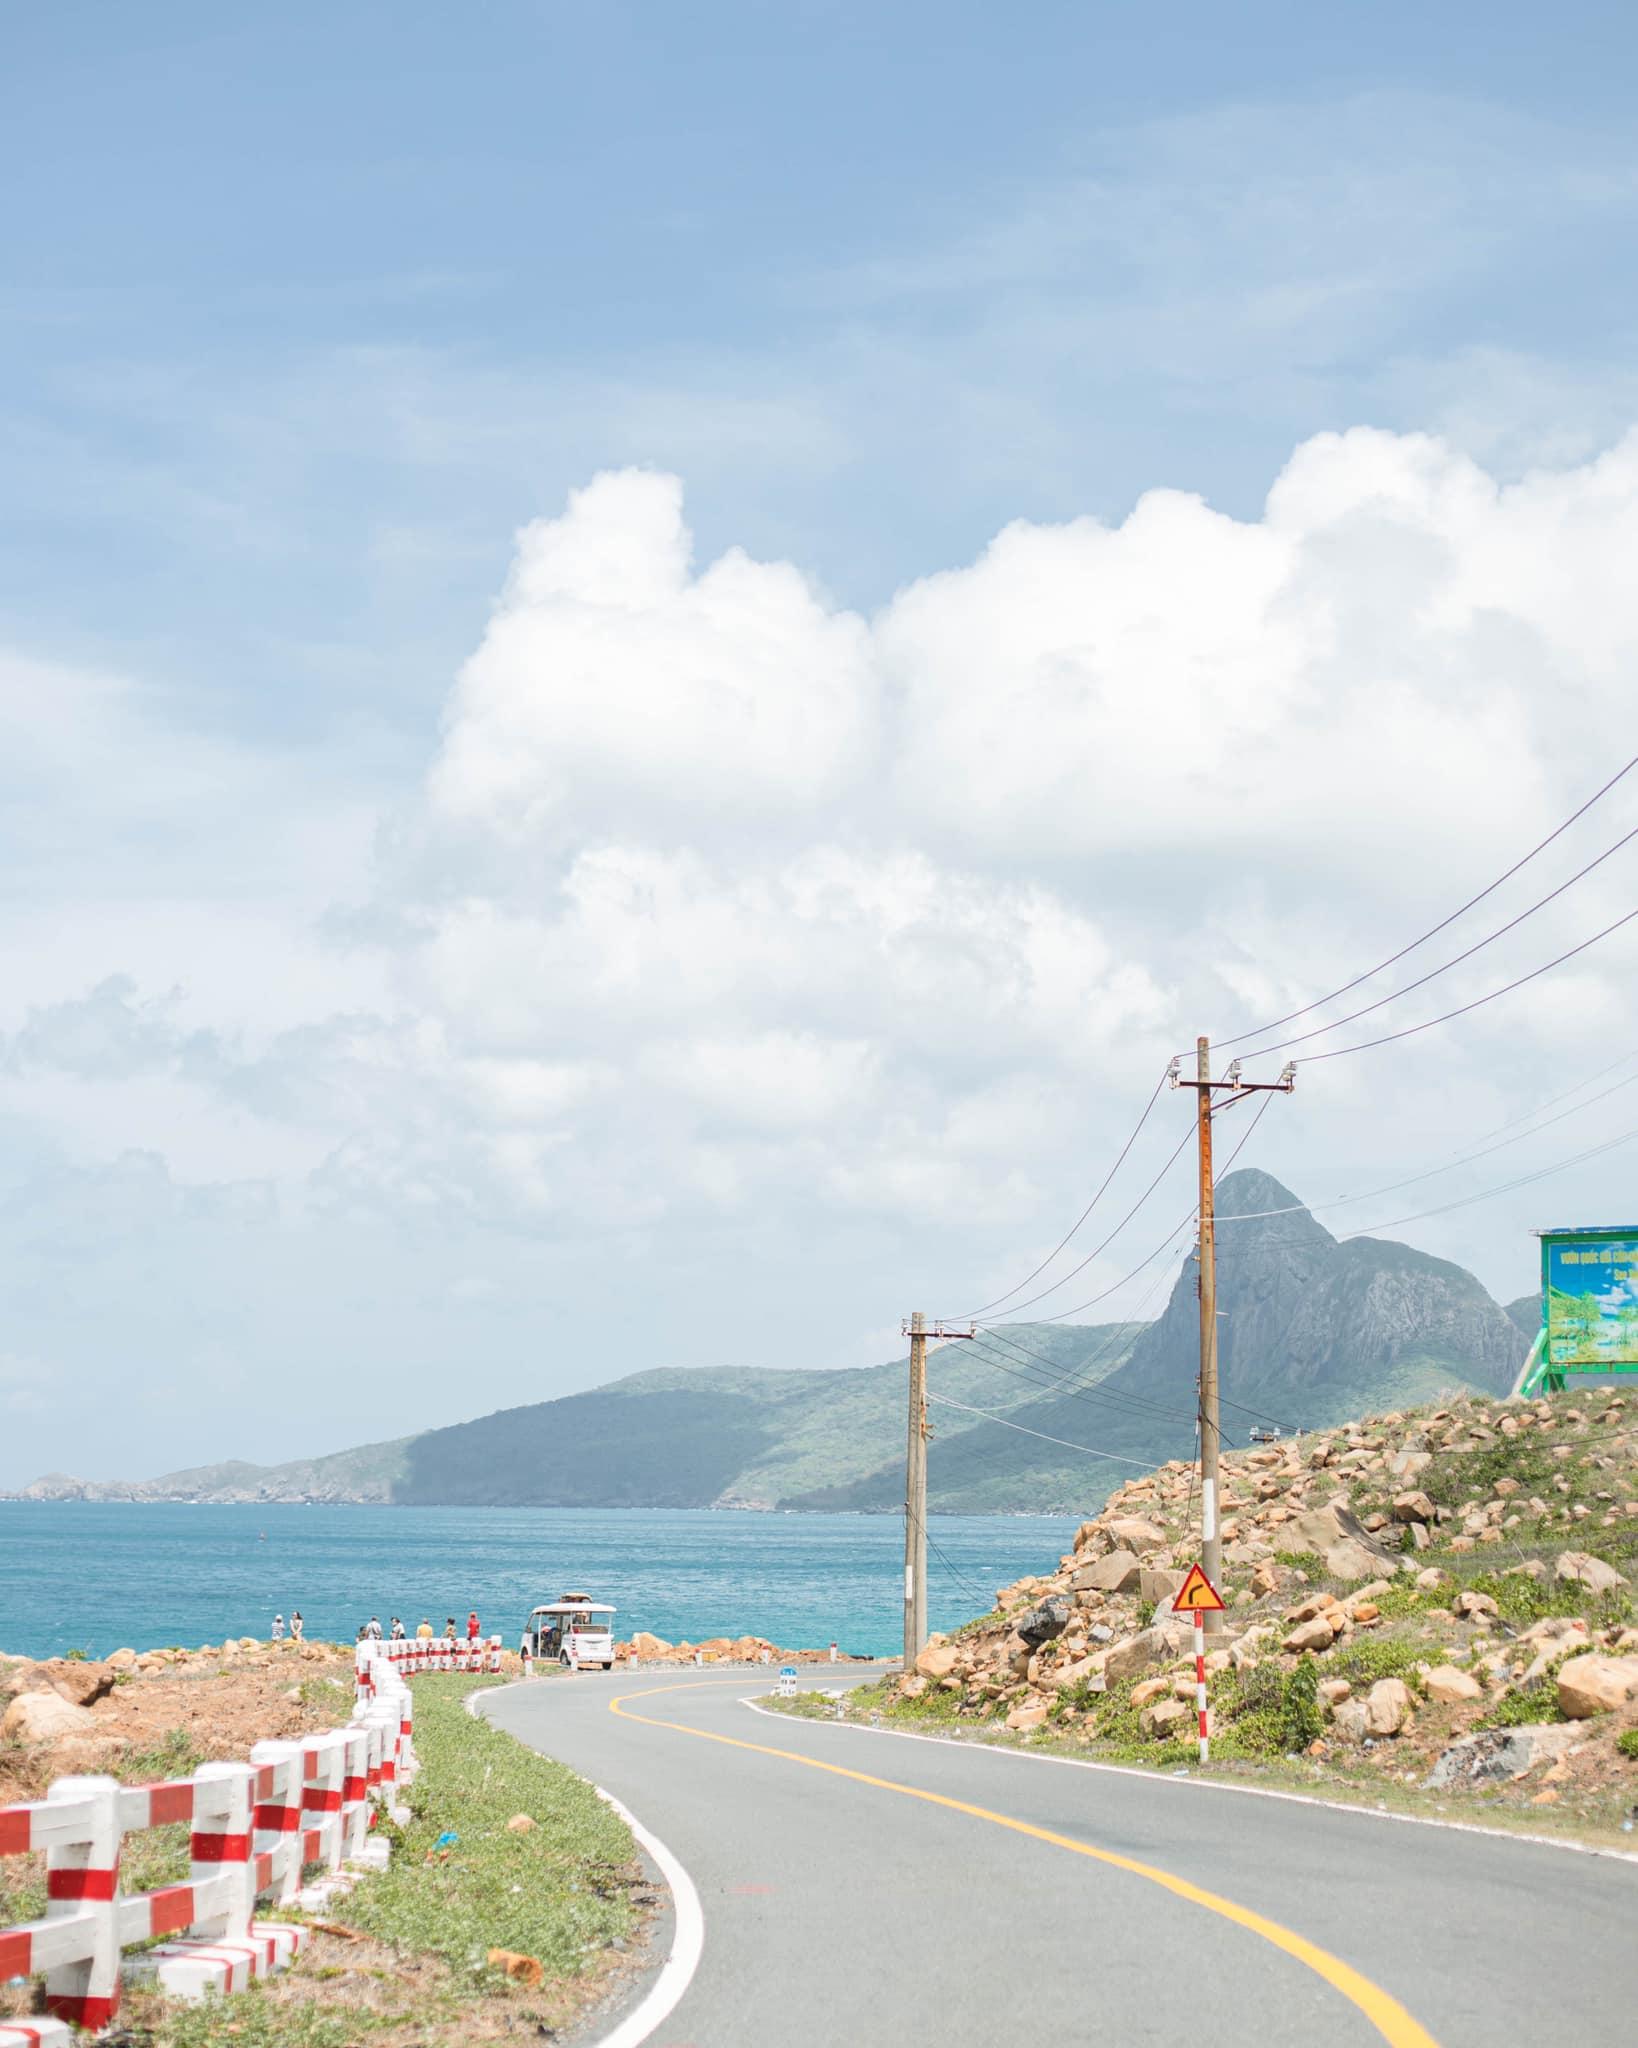 Cung đường tuyệt đẹp của Côn Đảo. Hình: Sơn Đoàn